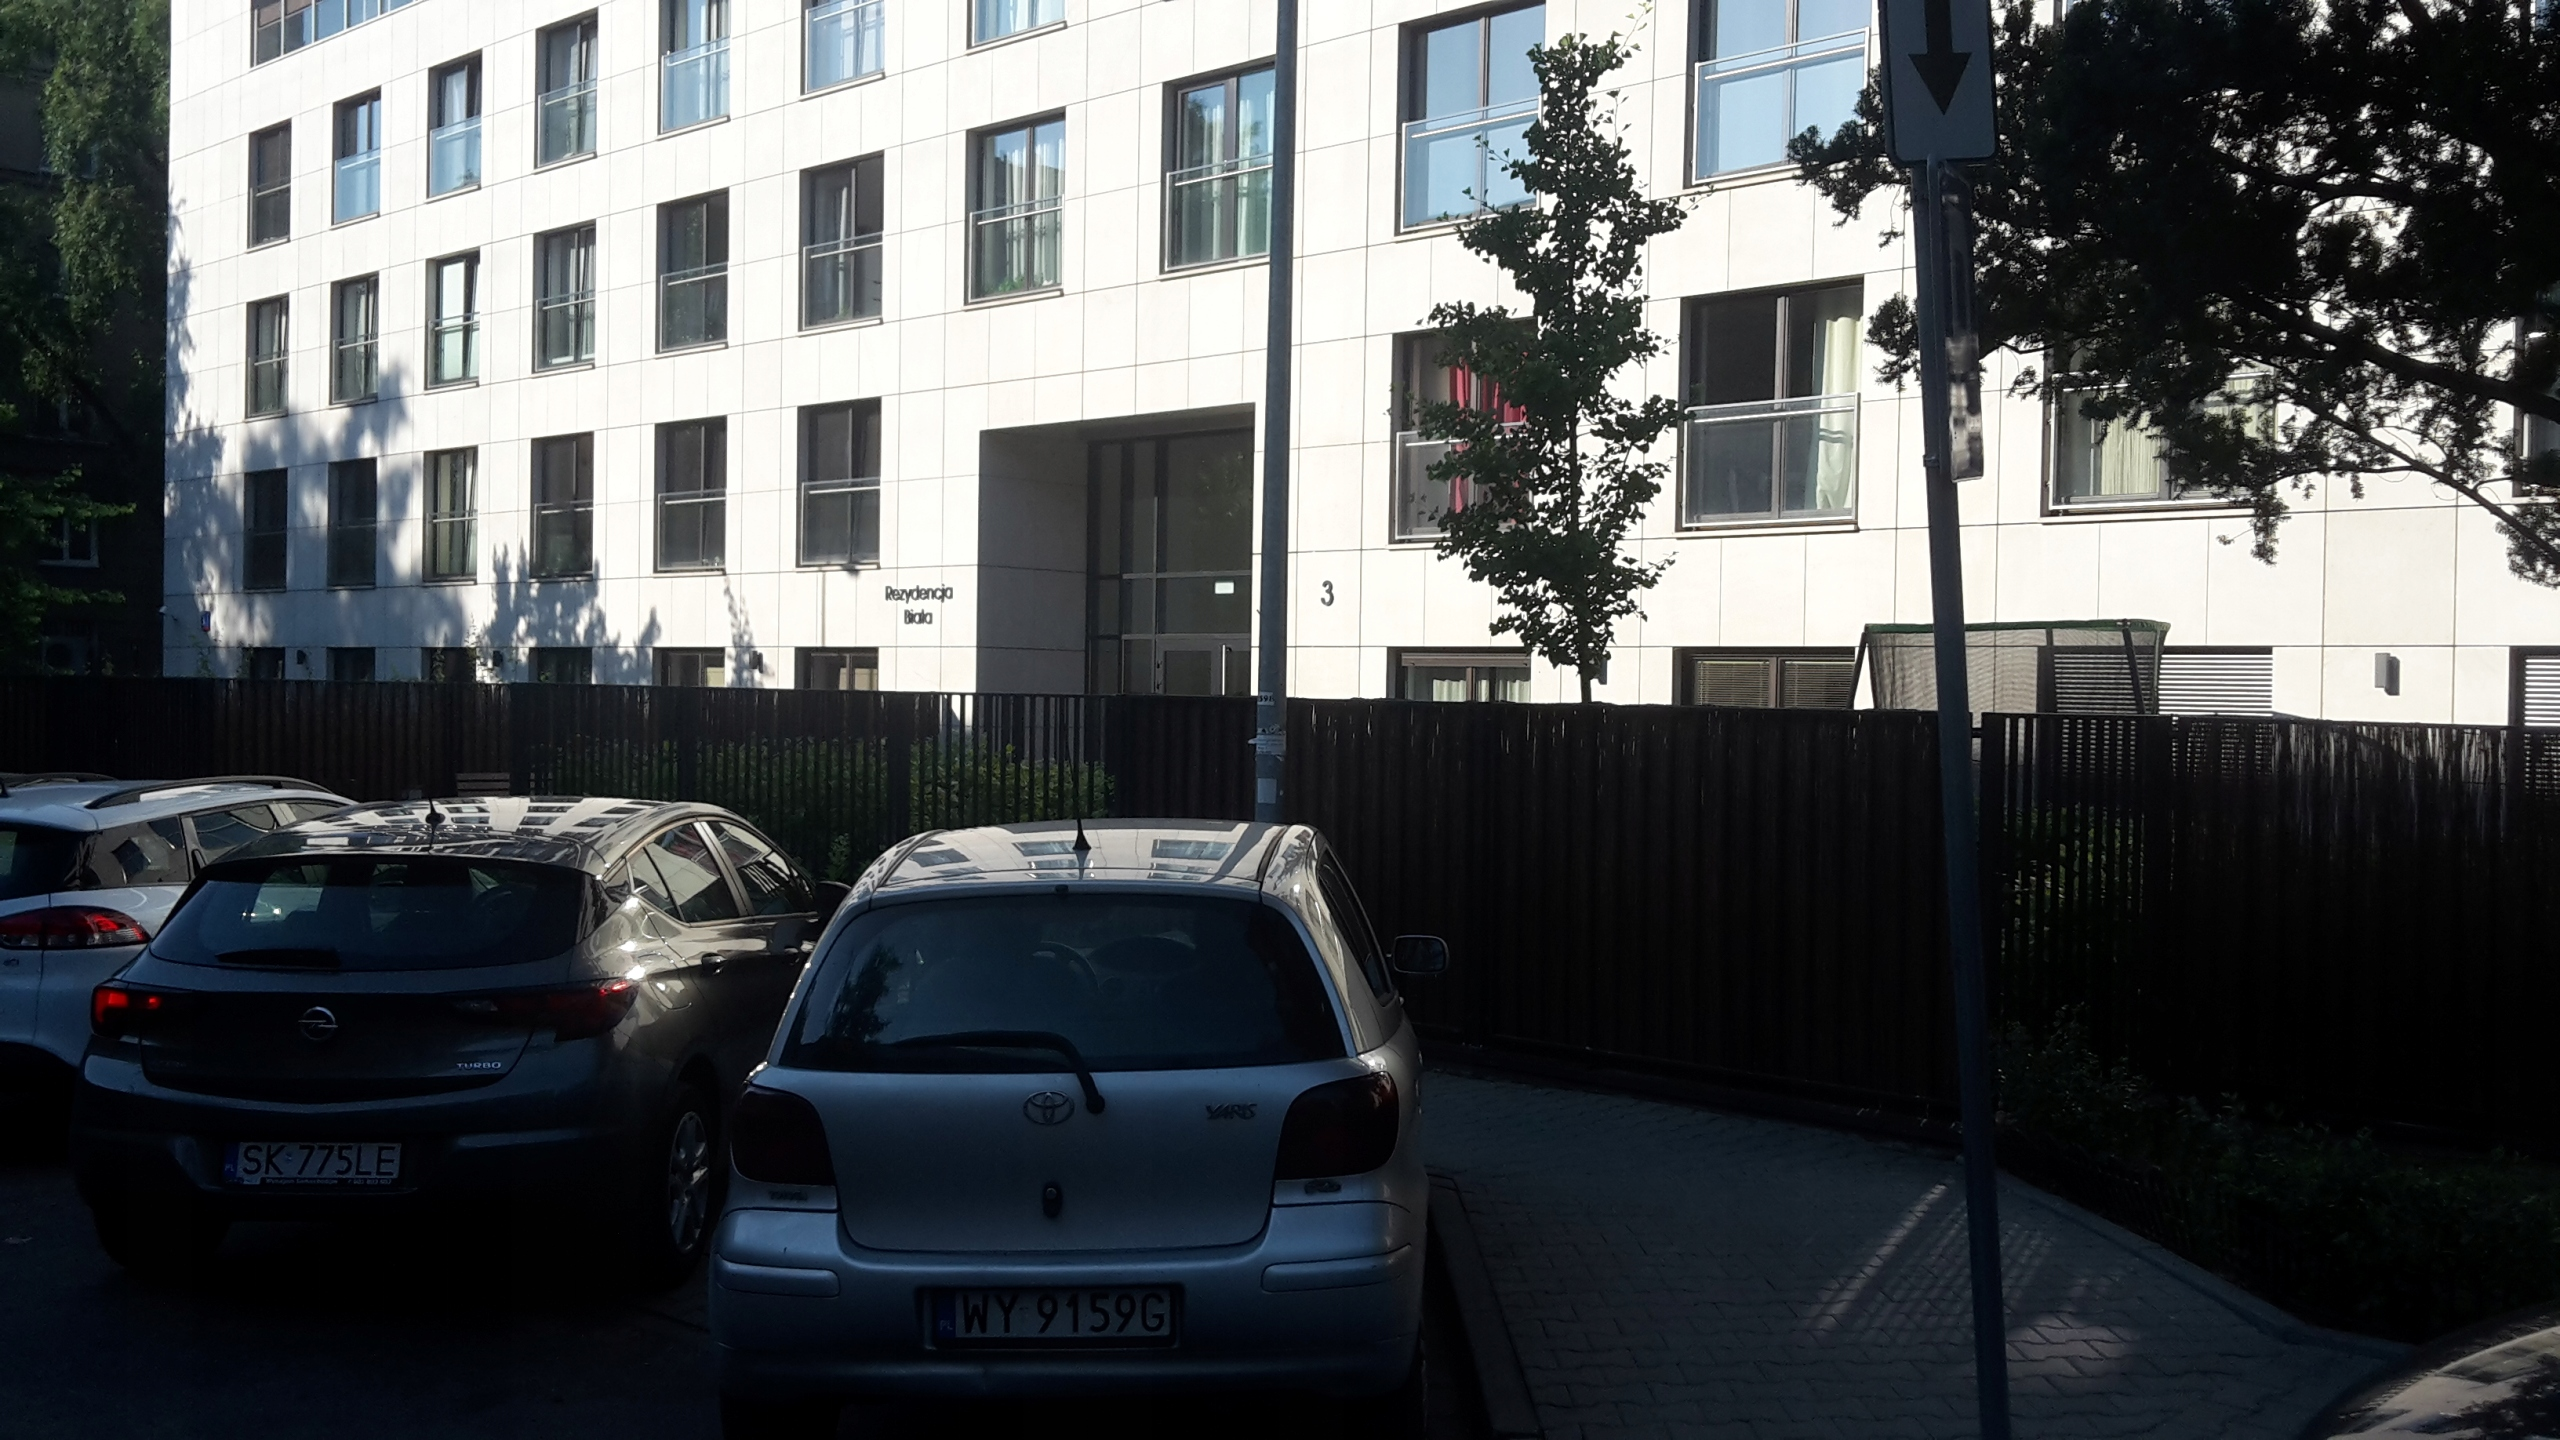 Lokal do wynajęcia 18 mkw Warszawa Wola